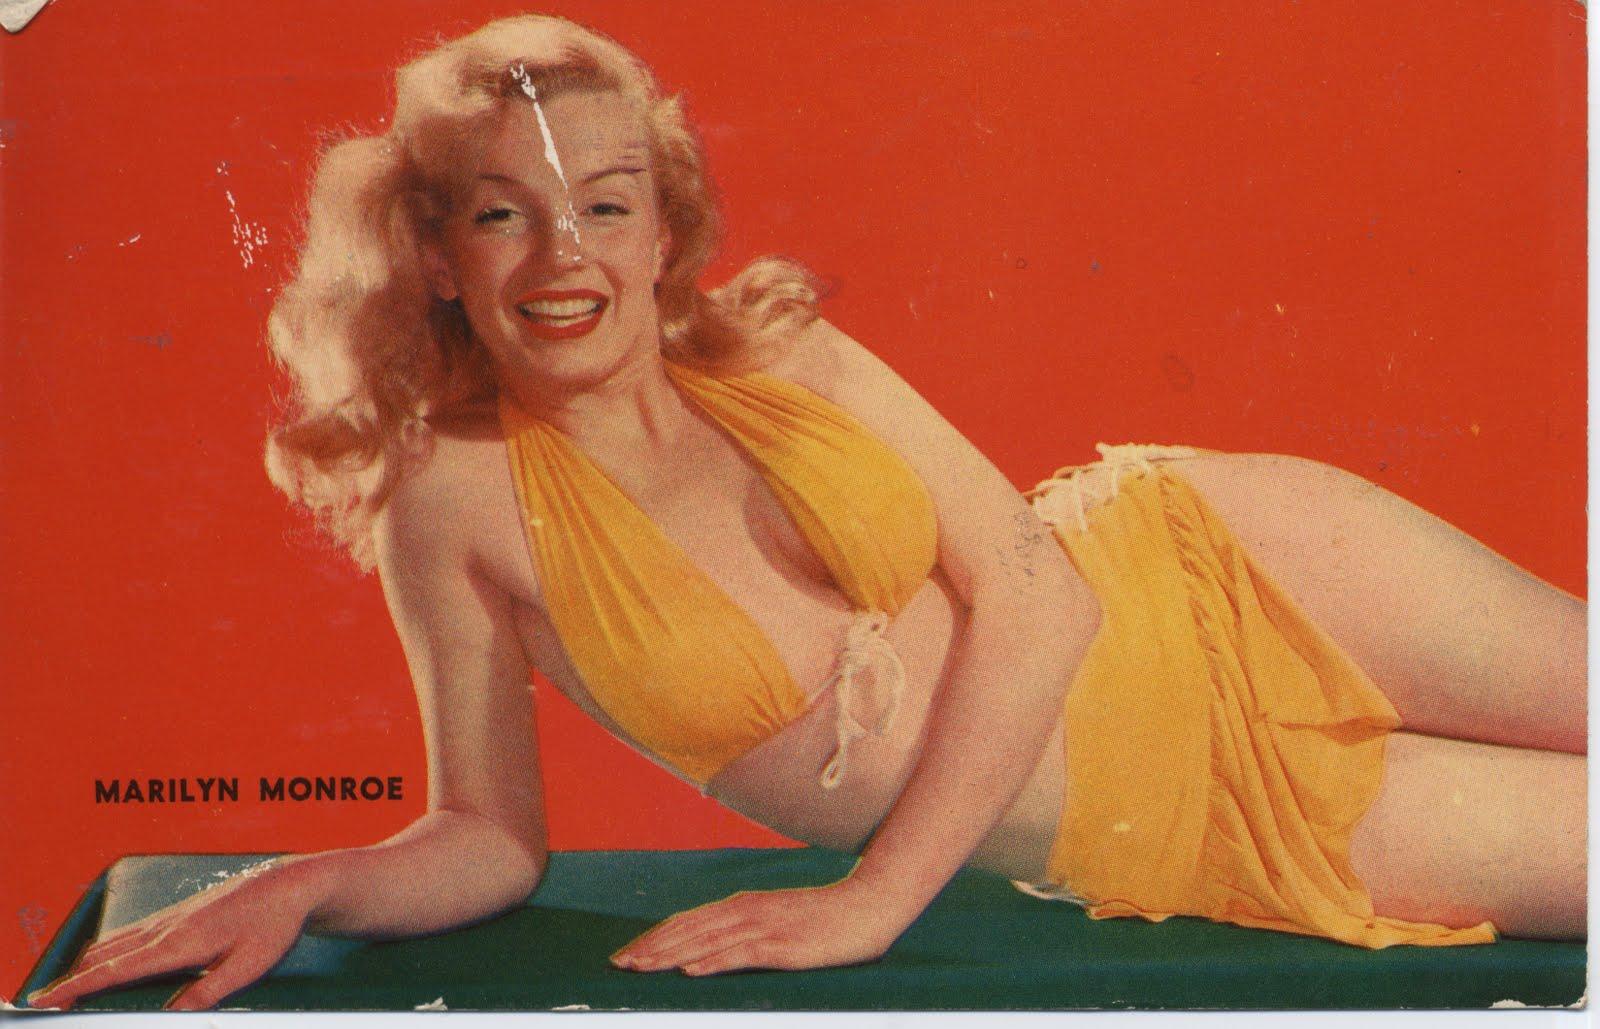 http://1.bp.blogspot.com/--23ULt2pdxc/Tbc0iLI7XnI/AAAAAAAAAYg/fLonsUpAXpk/s1600/Marilyn+Monroe.jpg